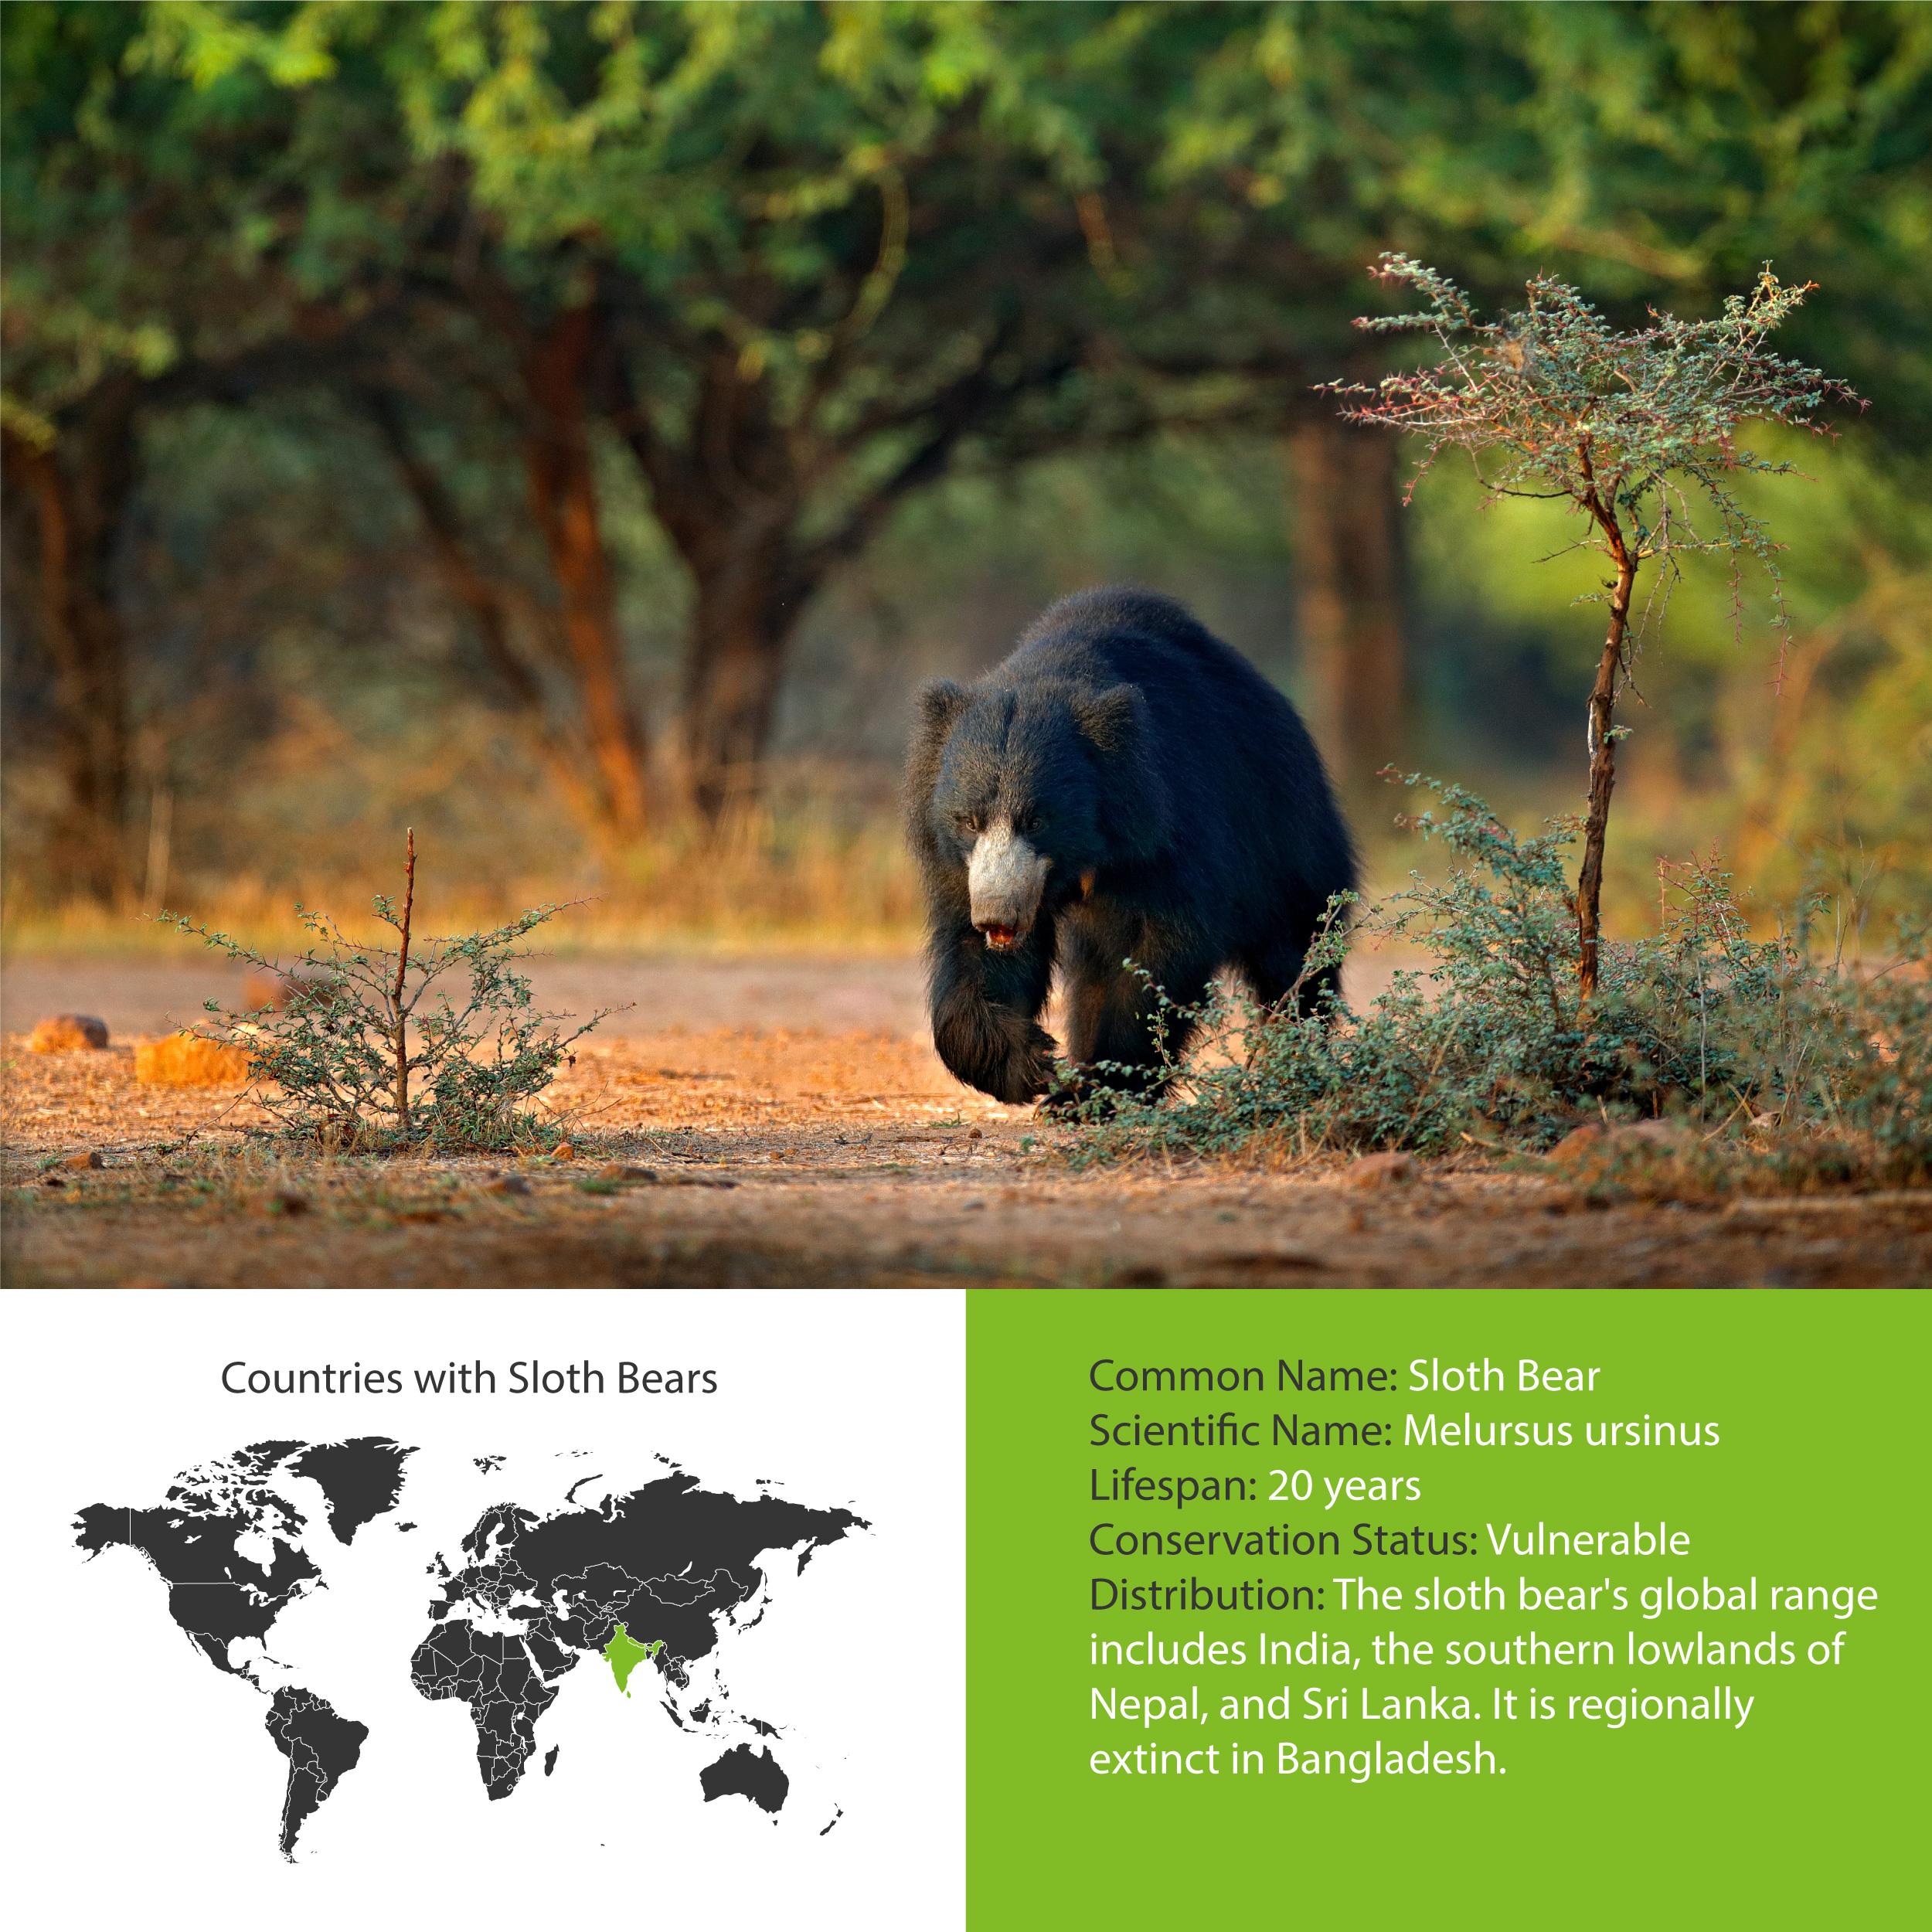 Sloth Bear Distribution